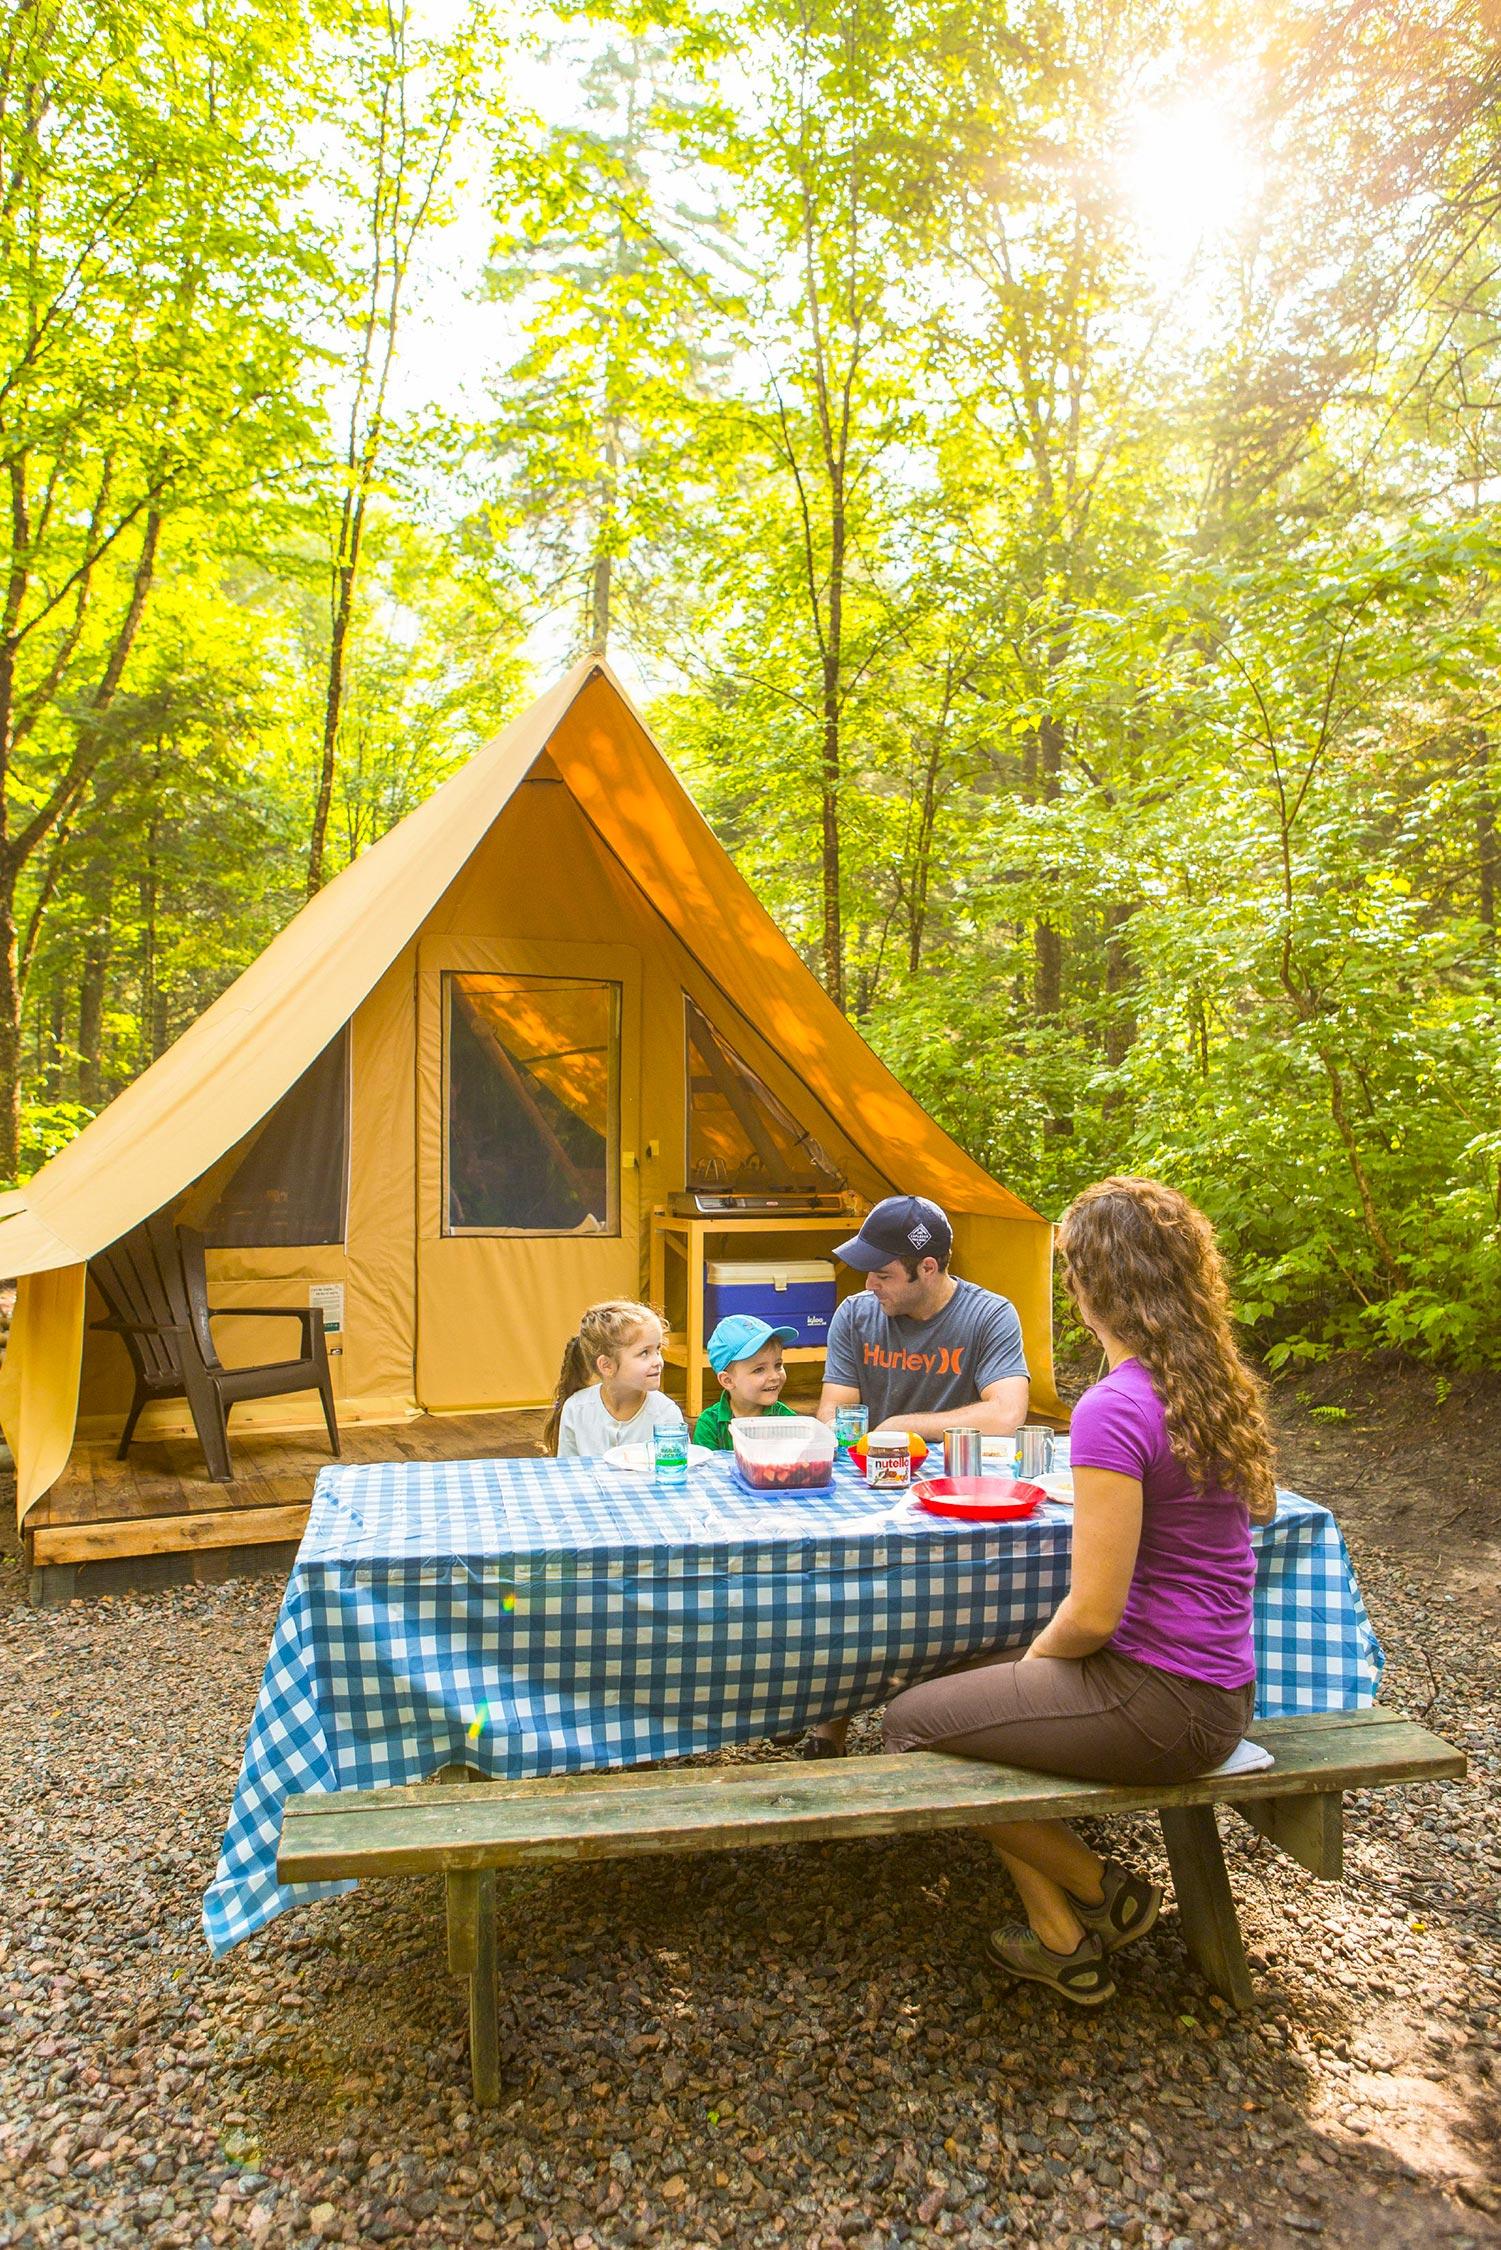 Prêt-à-camper dans le parc national du Mont-Tremblant